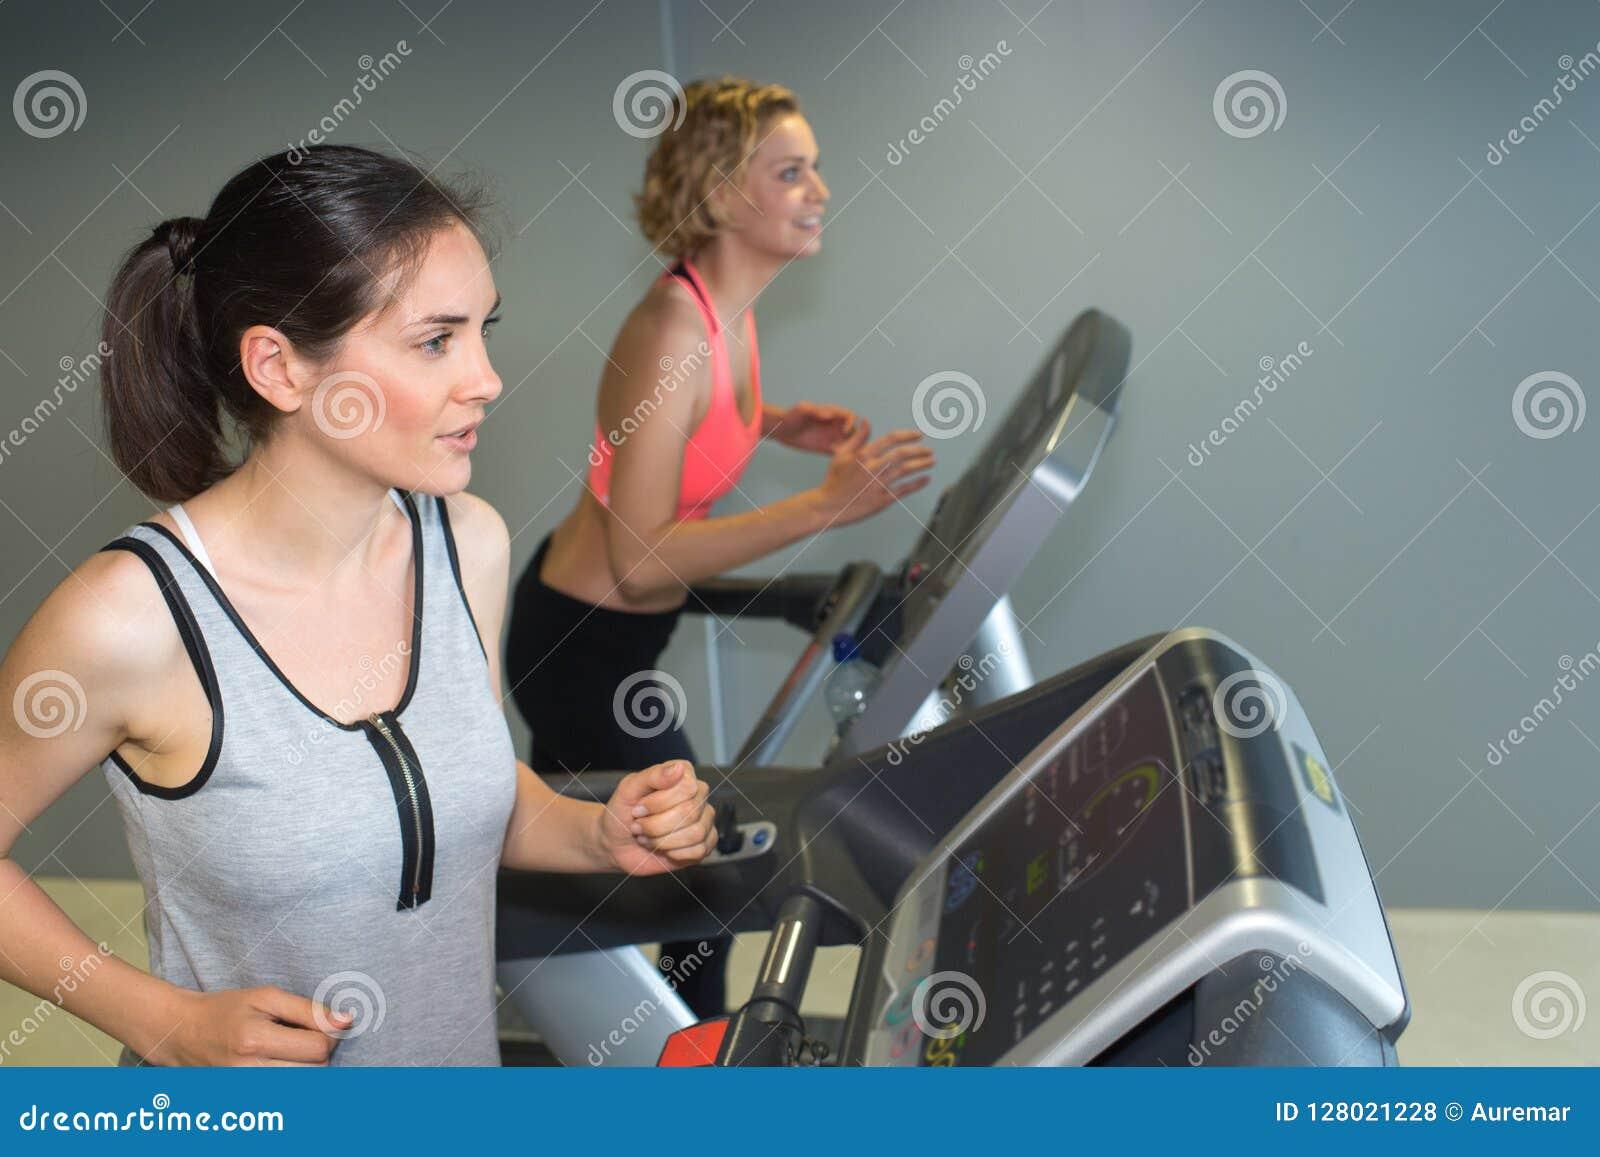 2 женщины ехать неподвижные велосипеды в современном клубе для женщин